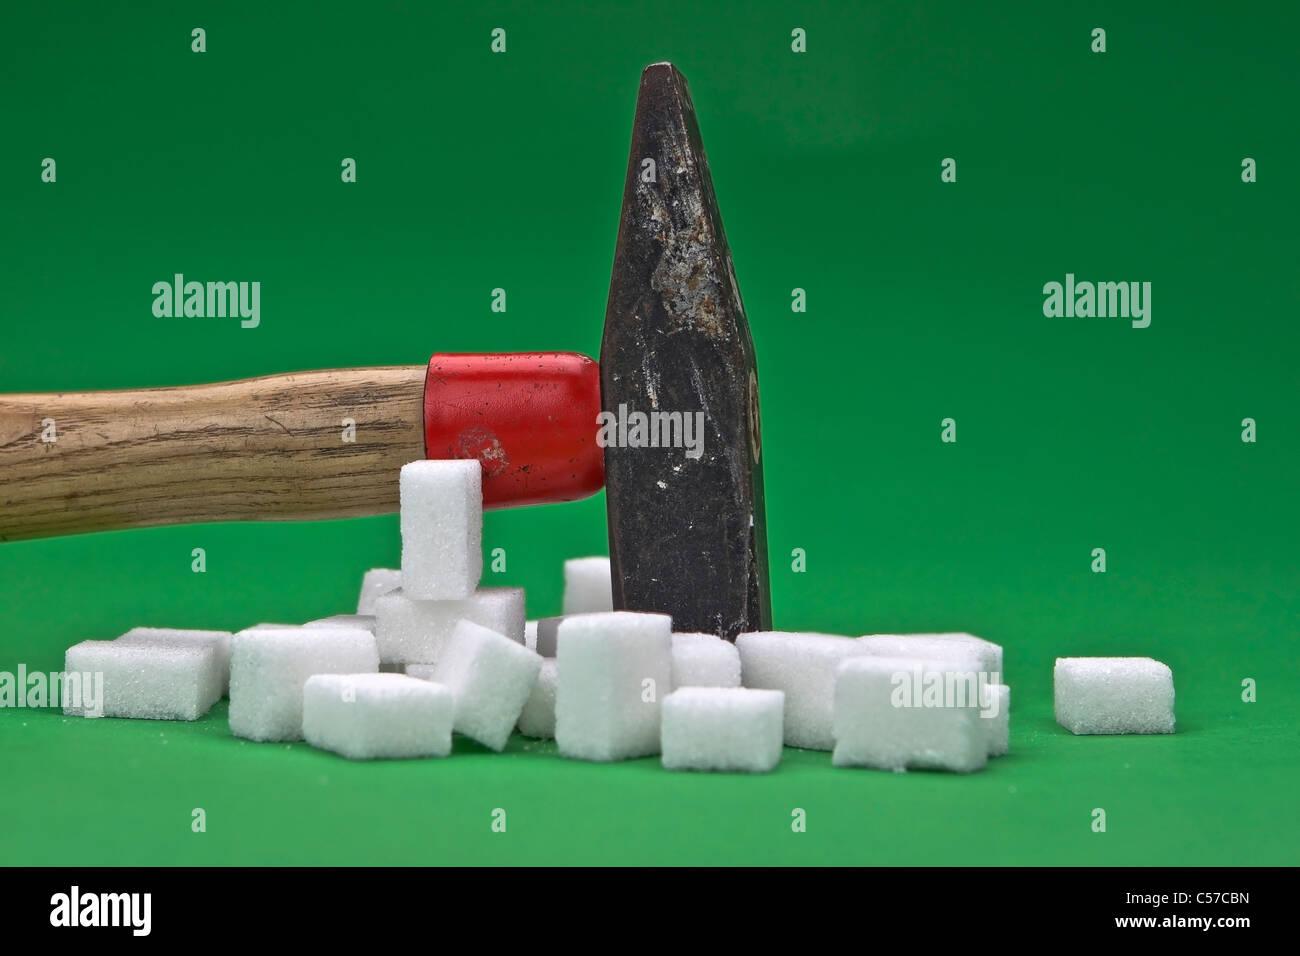 Un martello che è inquietante cubetti di zucchero per una più sana nutrizione in futuro Immagini Stock